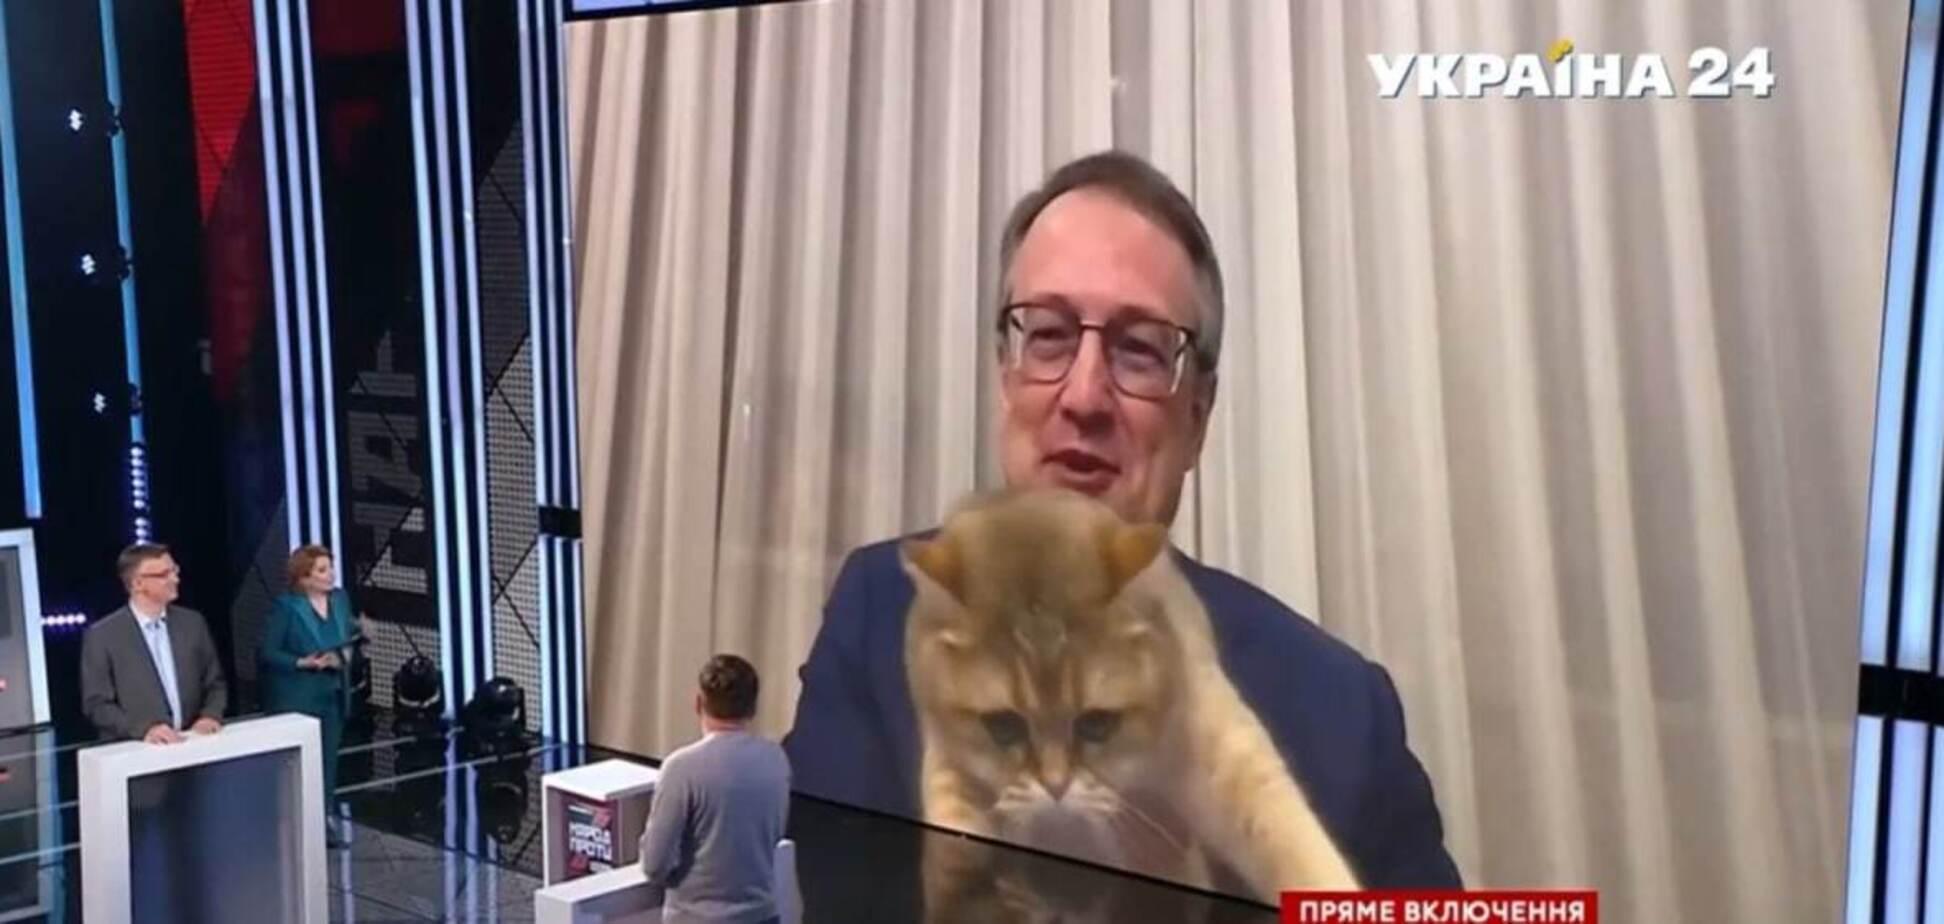 Домашній кіт перервав виступ Геращенка в прямому ефірі. Курйозне відео